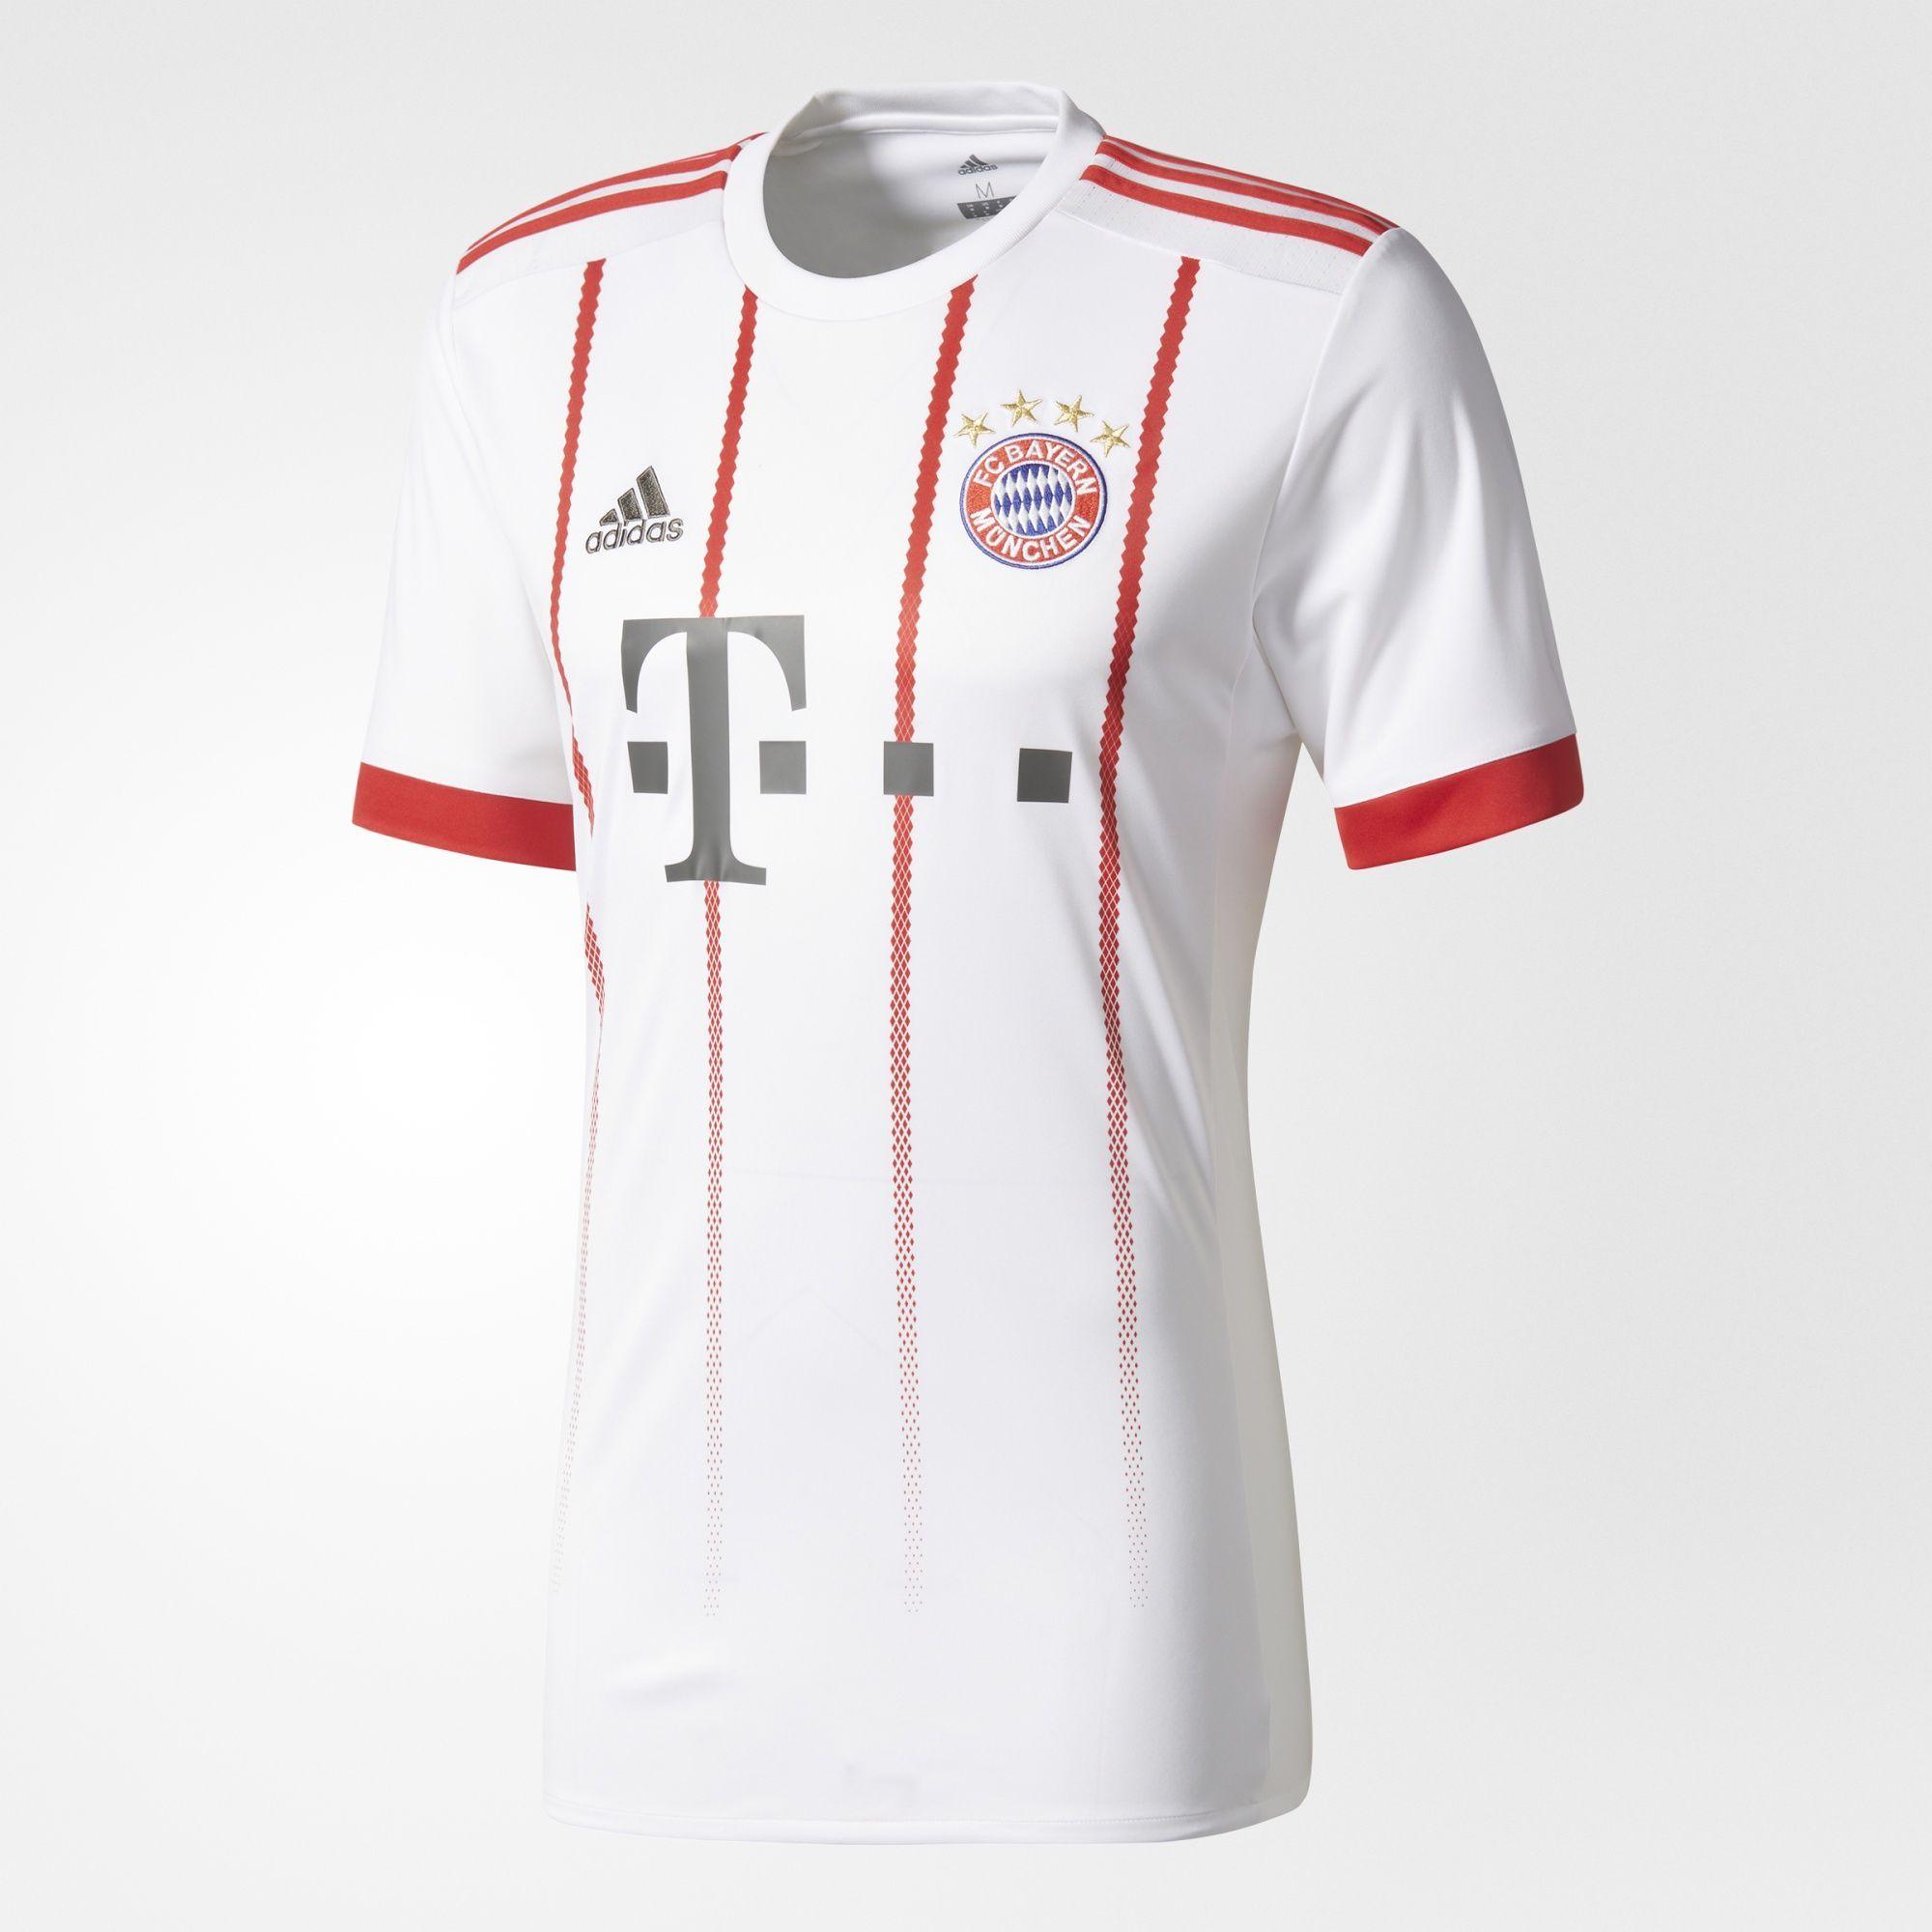 5bd7ed1bb adidas Bayern Munich Third Jersey 17/18 | Launches: Kits and Jerseys ...